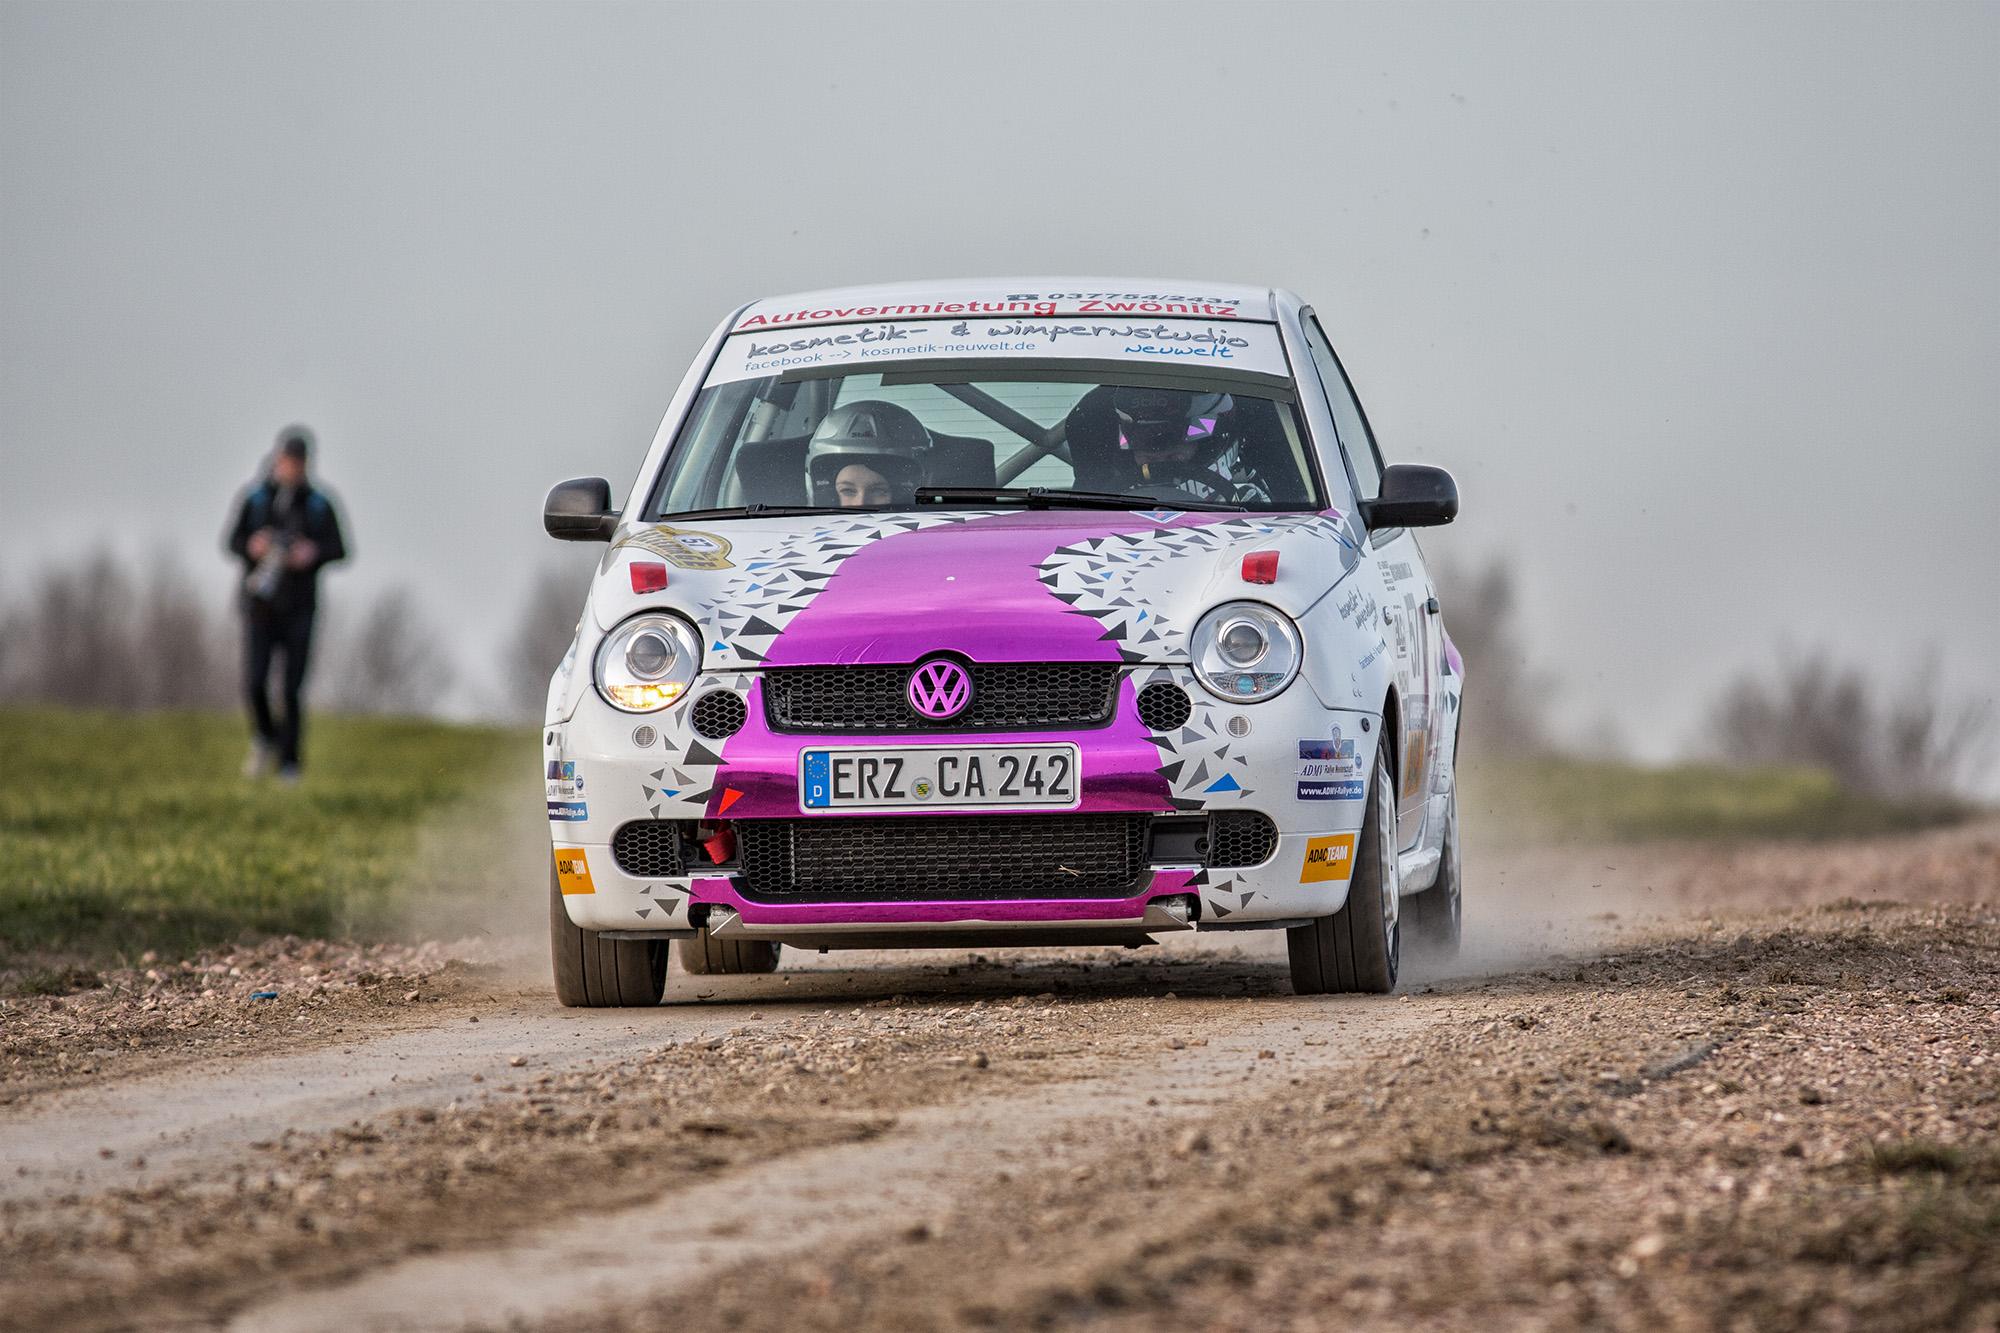 53. Rallye Erzgebirge Tina Wiegand Monique Voigt auf VW Lupo GTI Foto: Marko Unger